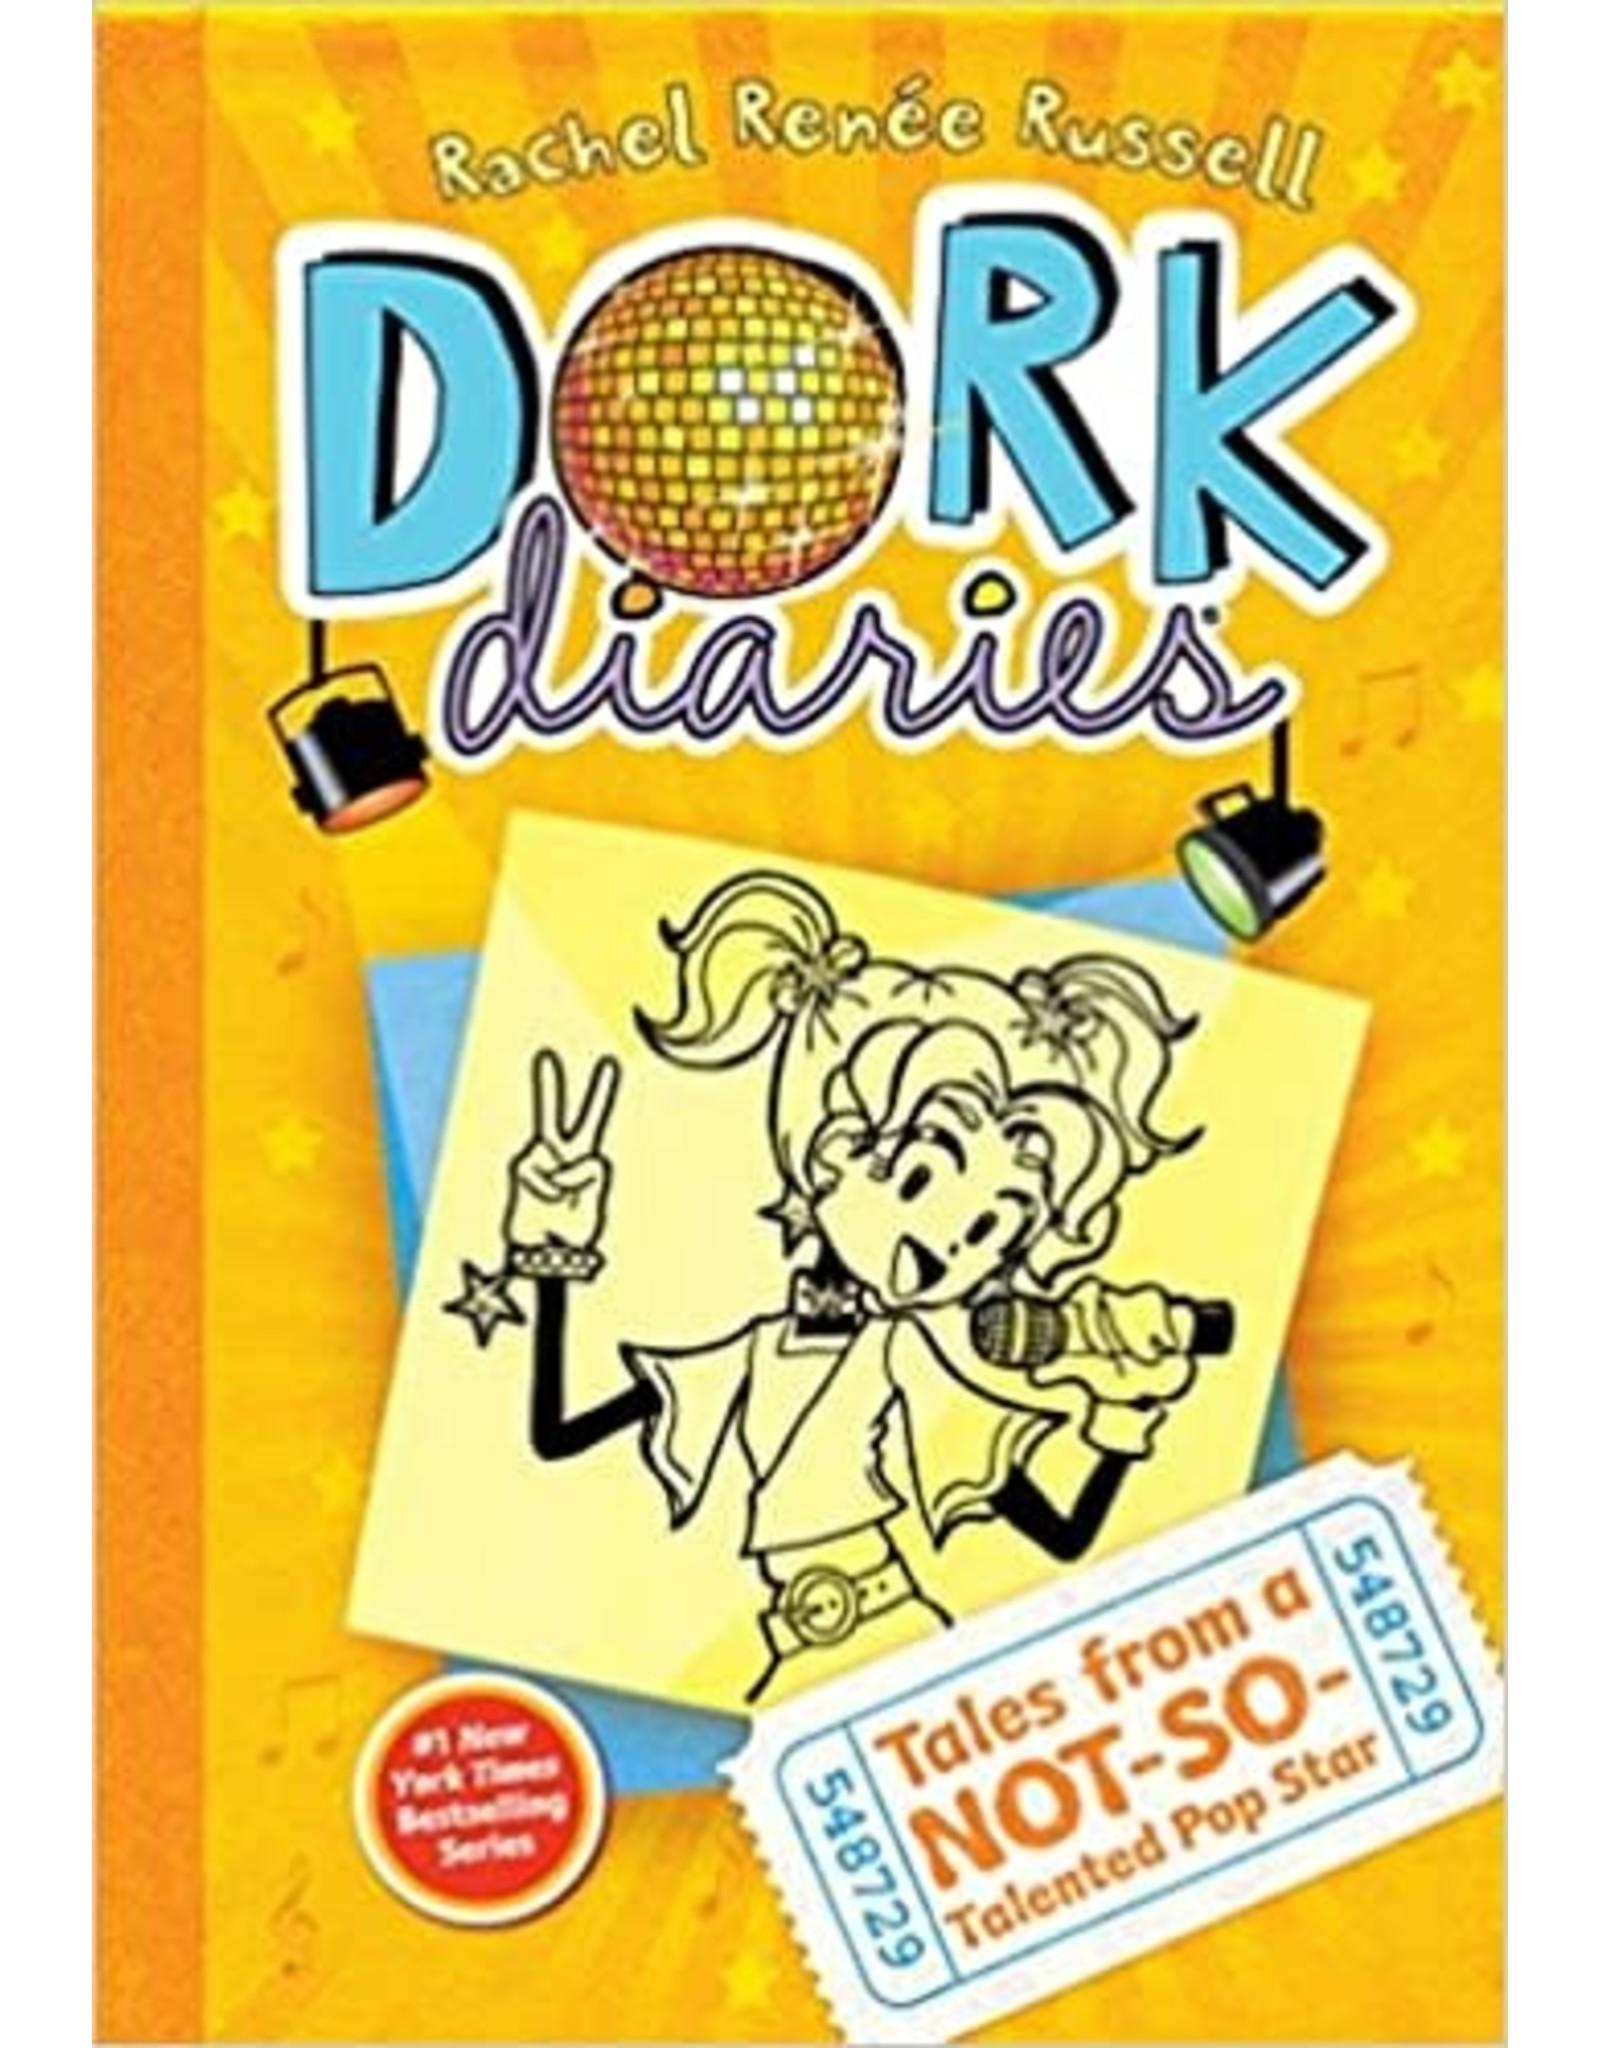 ALADDIN BOOKS DORK DIARIES HC VOL 03 TALES FROM A NOT SO TALENTED POP STAR